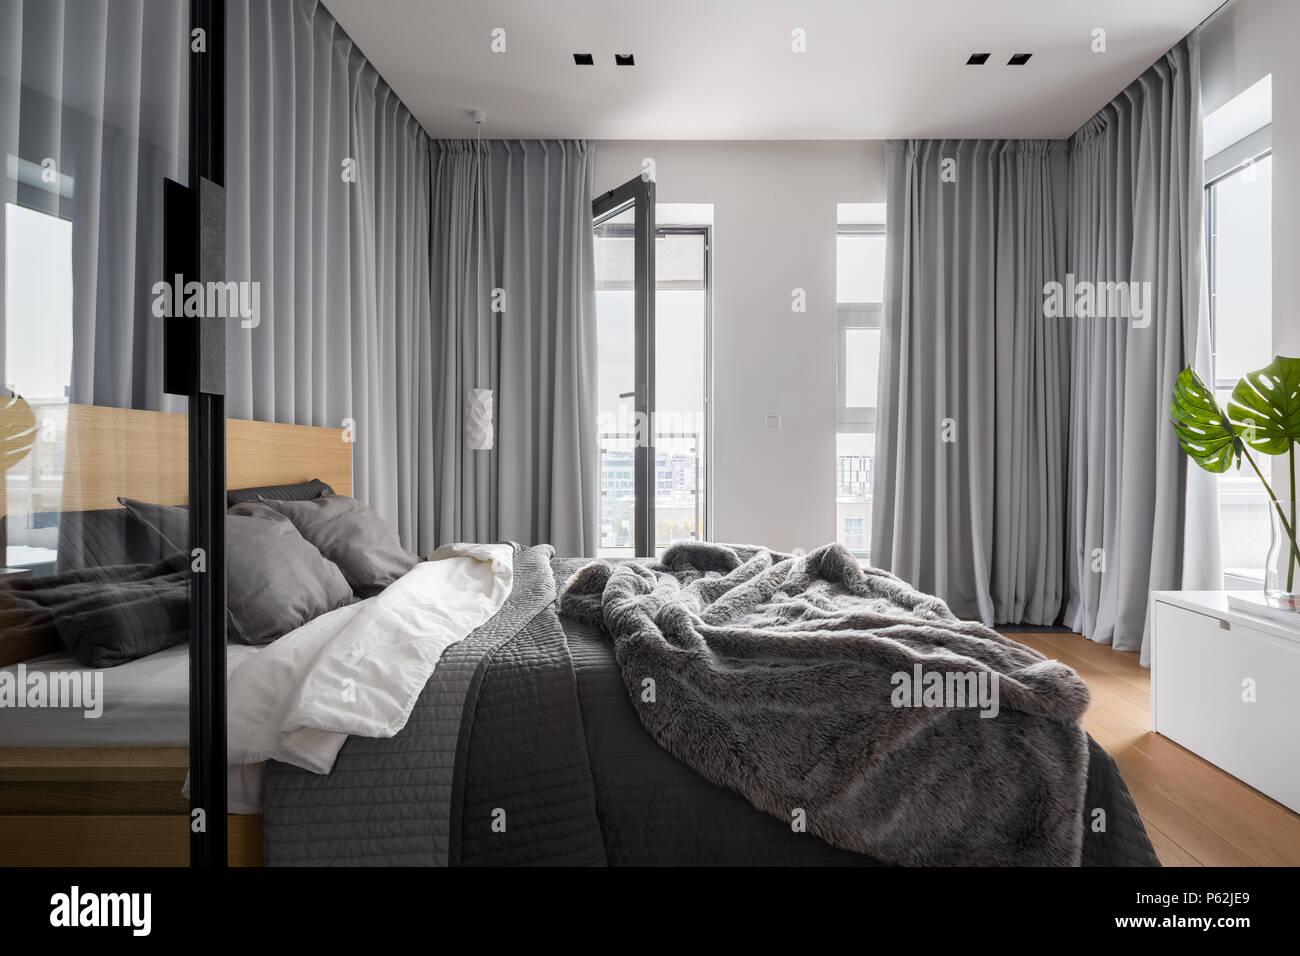 Tende Design Camera Da Letto.Il Lusso Interiore Camera Da Letto Con Letto Matrimoniale E Grigio